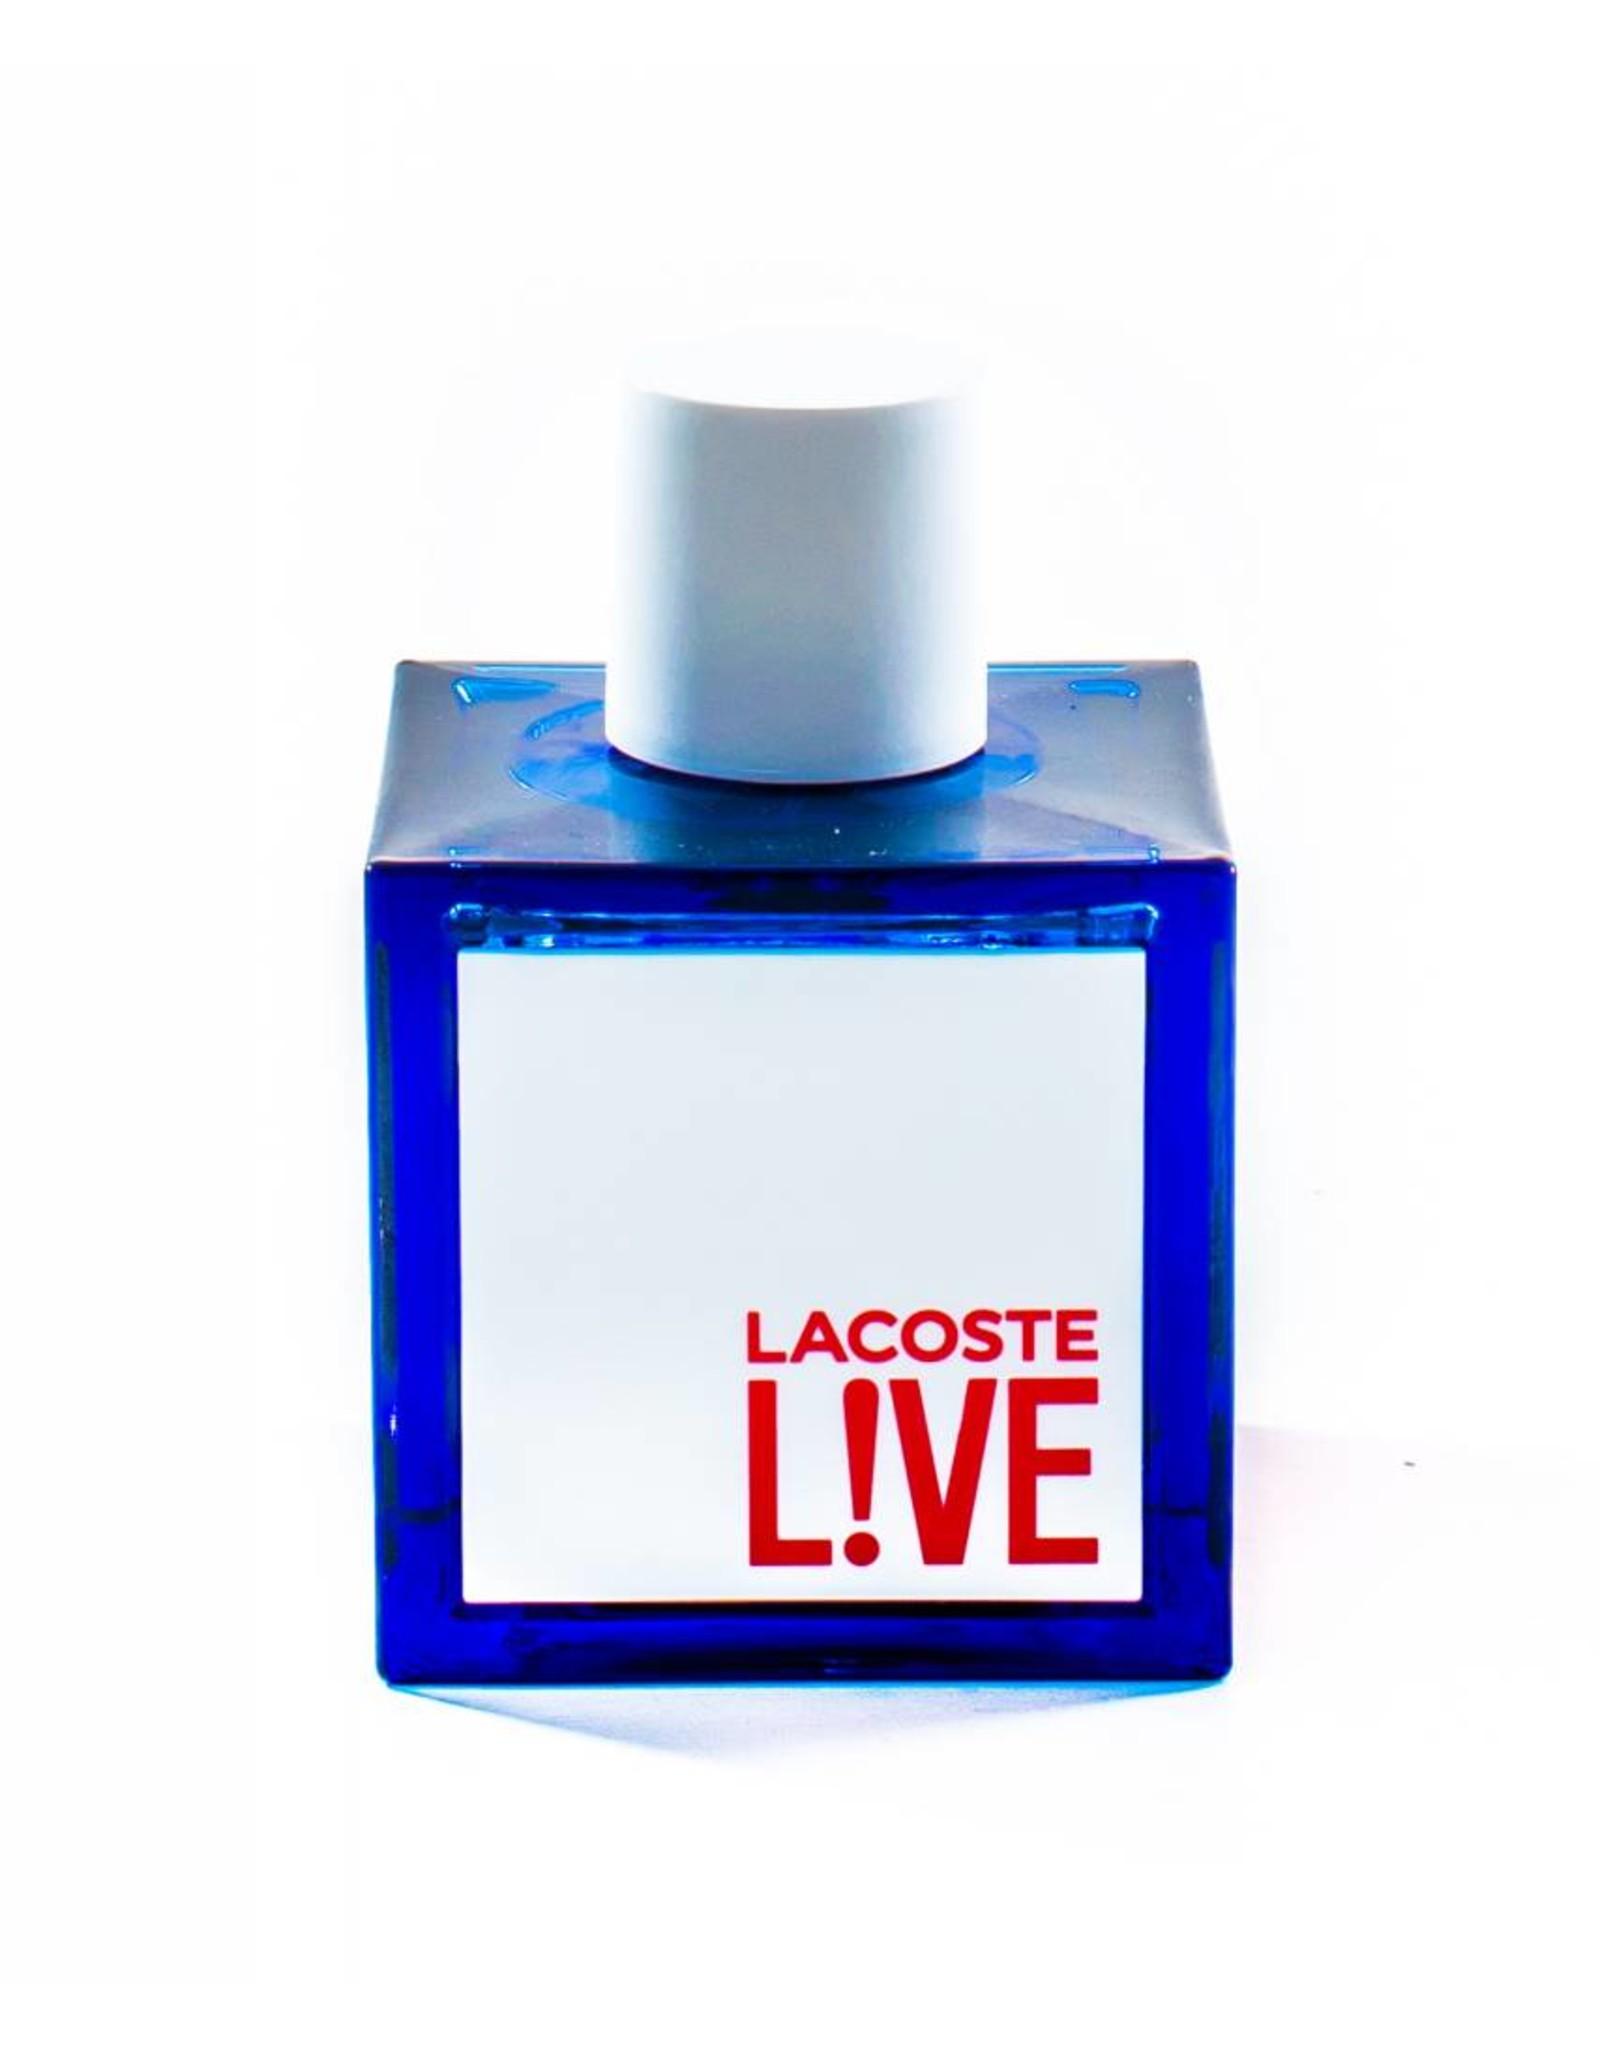 LACOSTE LACOSTE LIVE